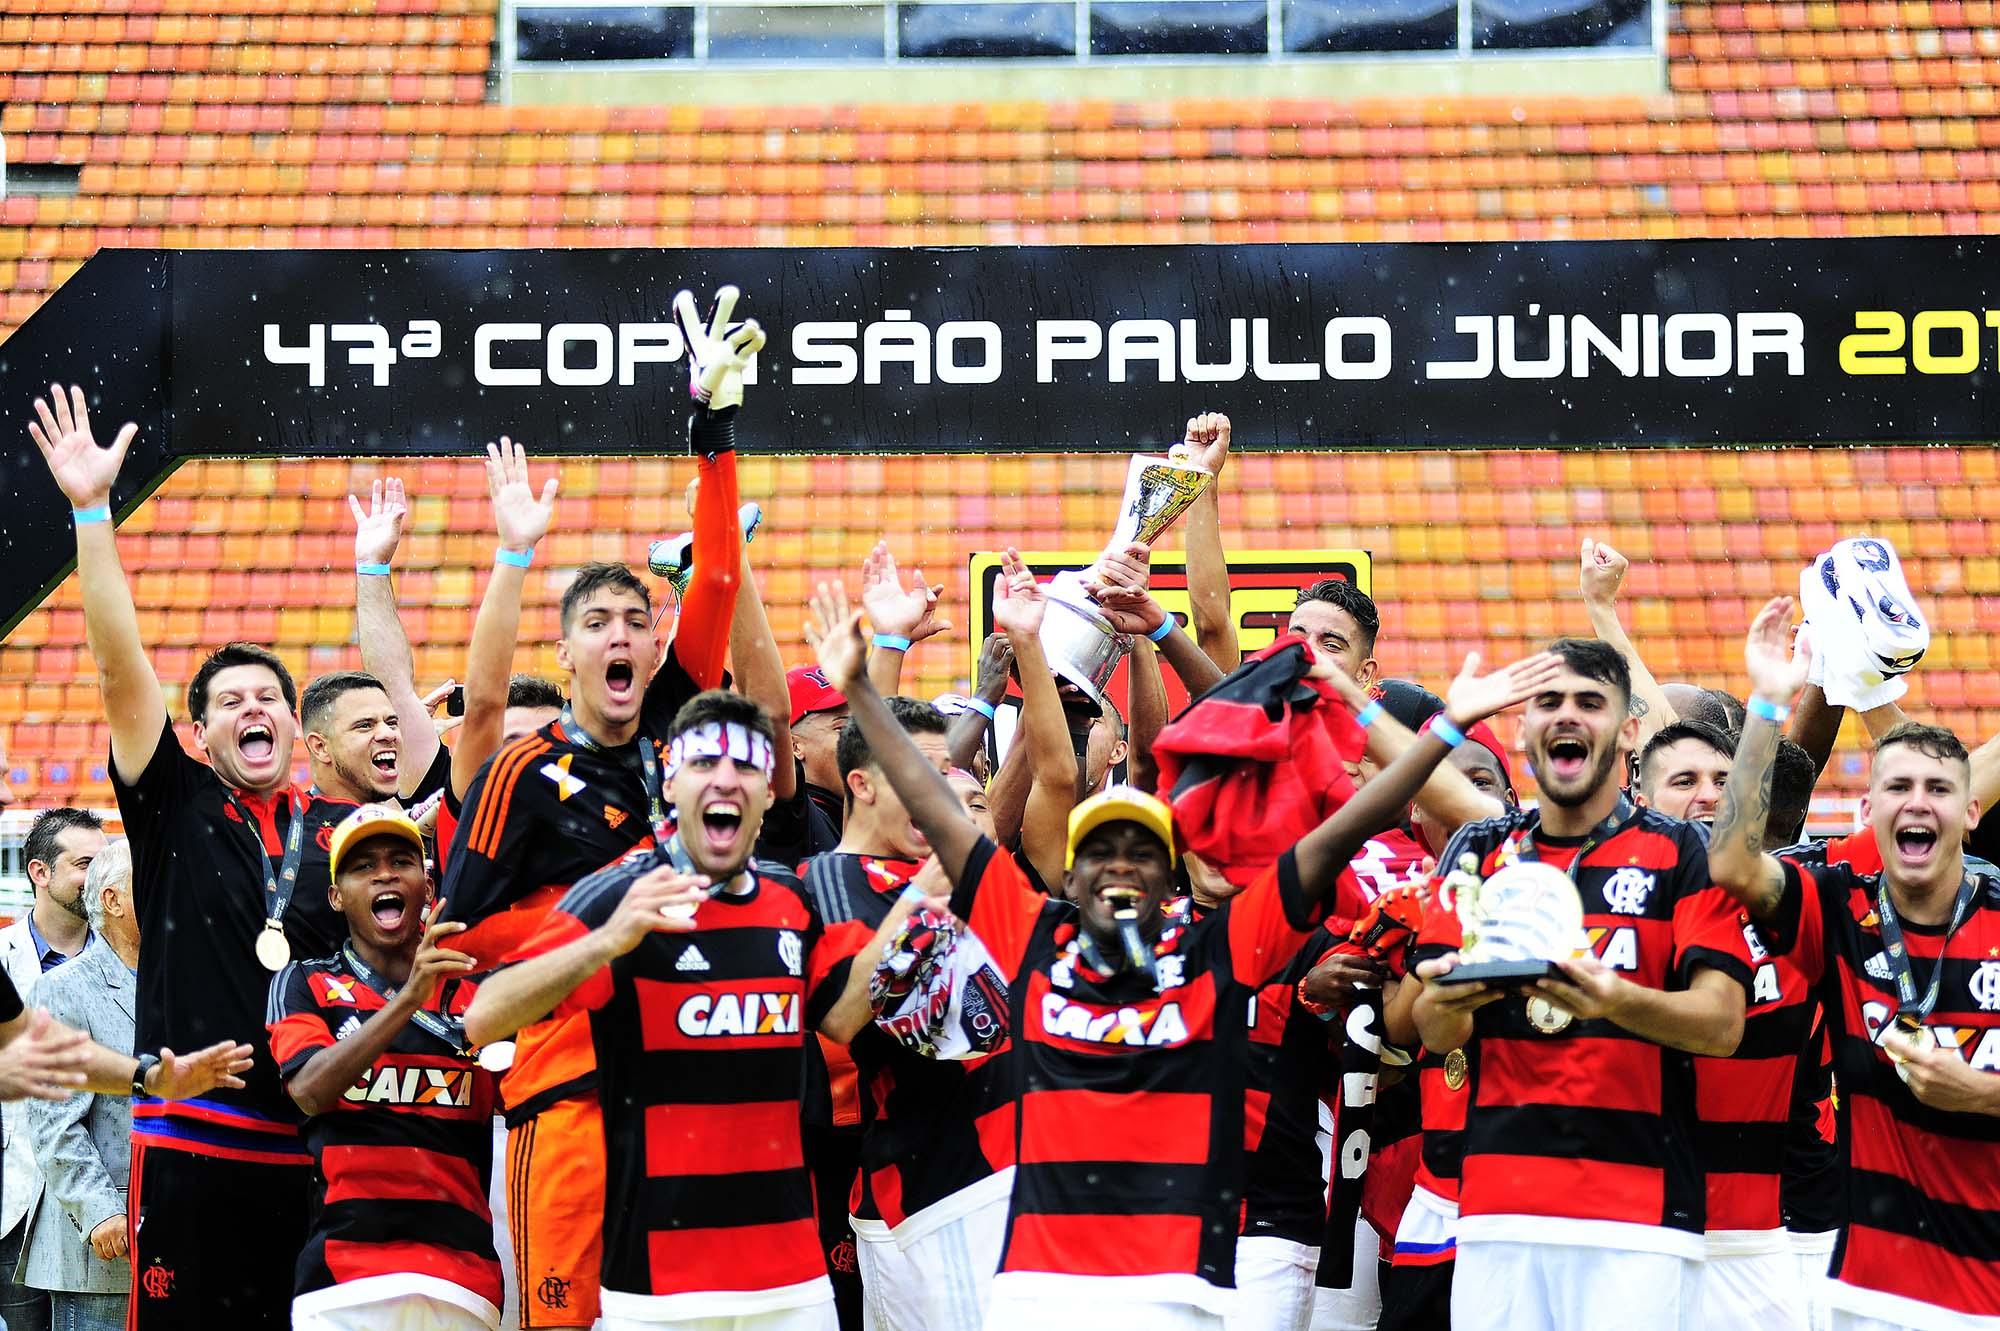 2b0408cd4a Comentaristas do SporTV escolhem a Seleção da Copa SP de Futebol Júnior